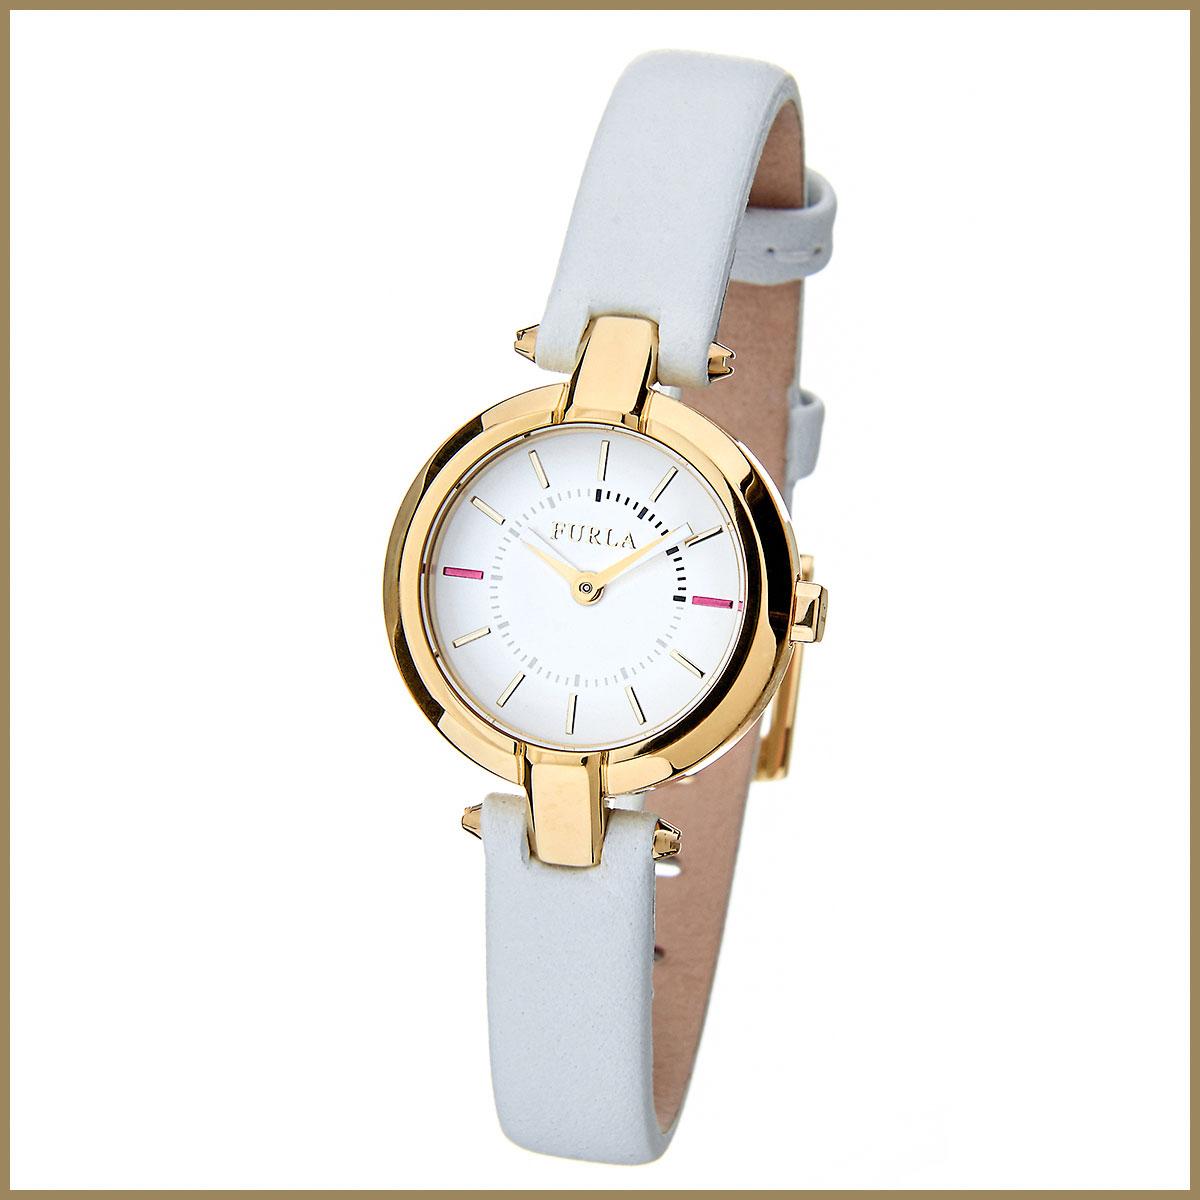 【セール】フルラ FURLA 腕時計 レディース LINDA(リンダ) ゴールド レザーホワイト R4251106502